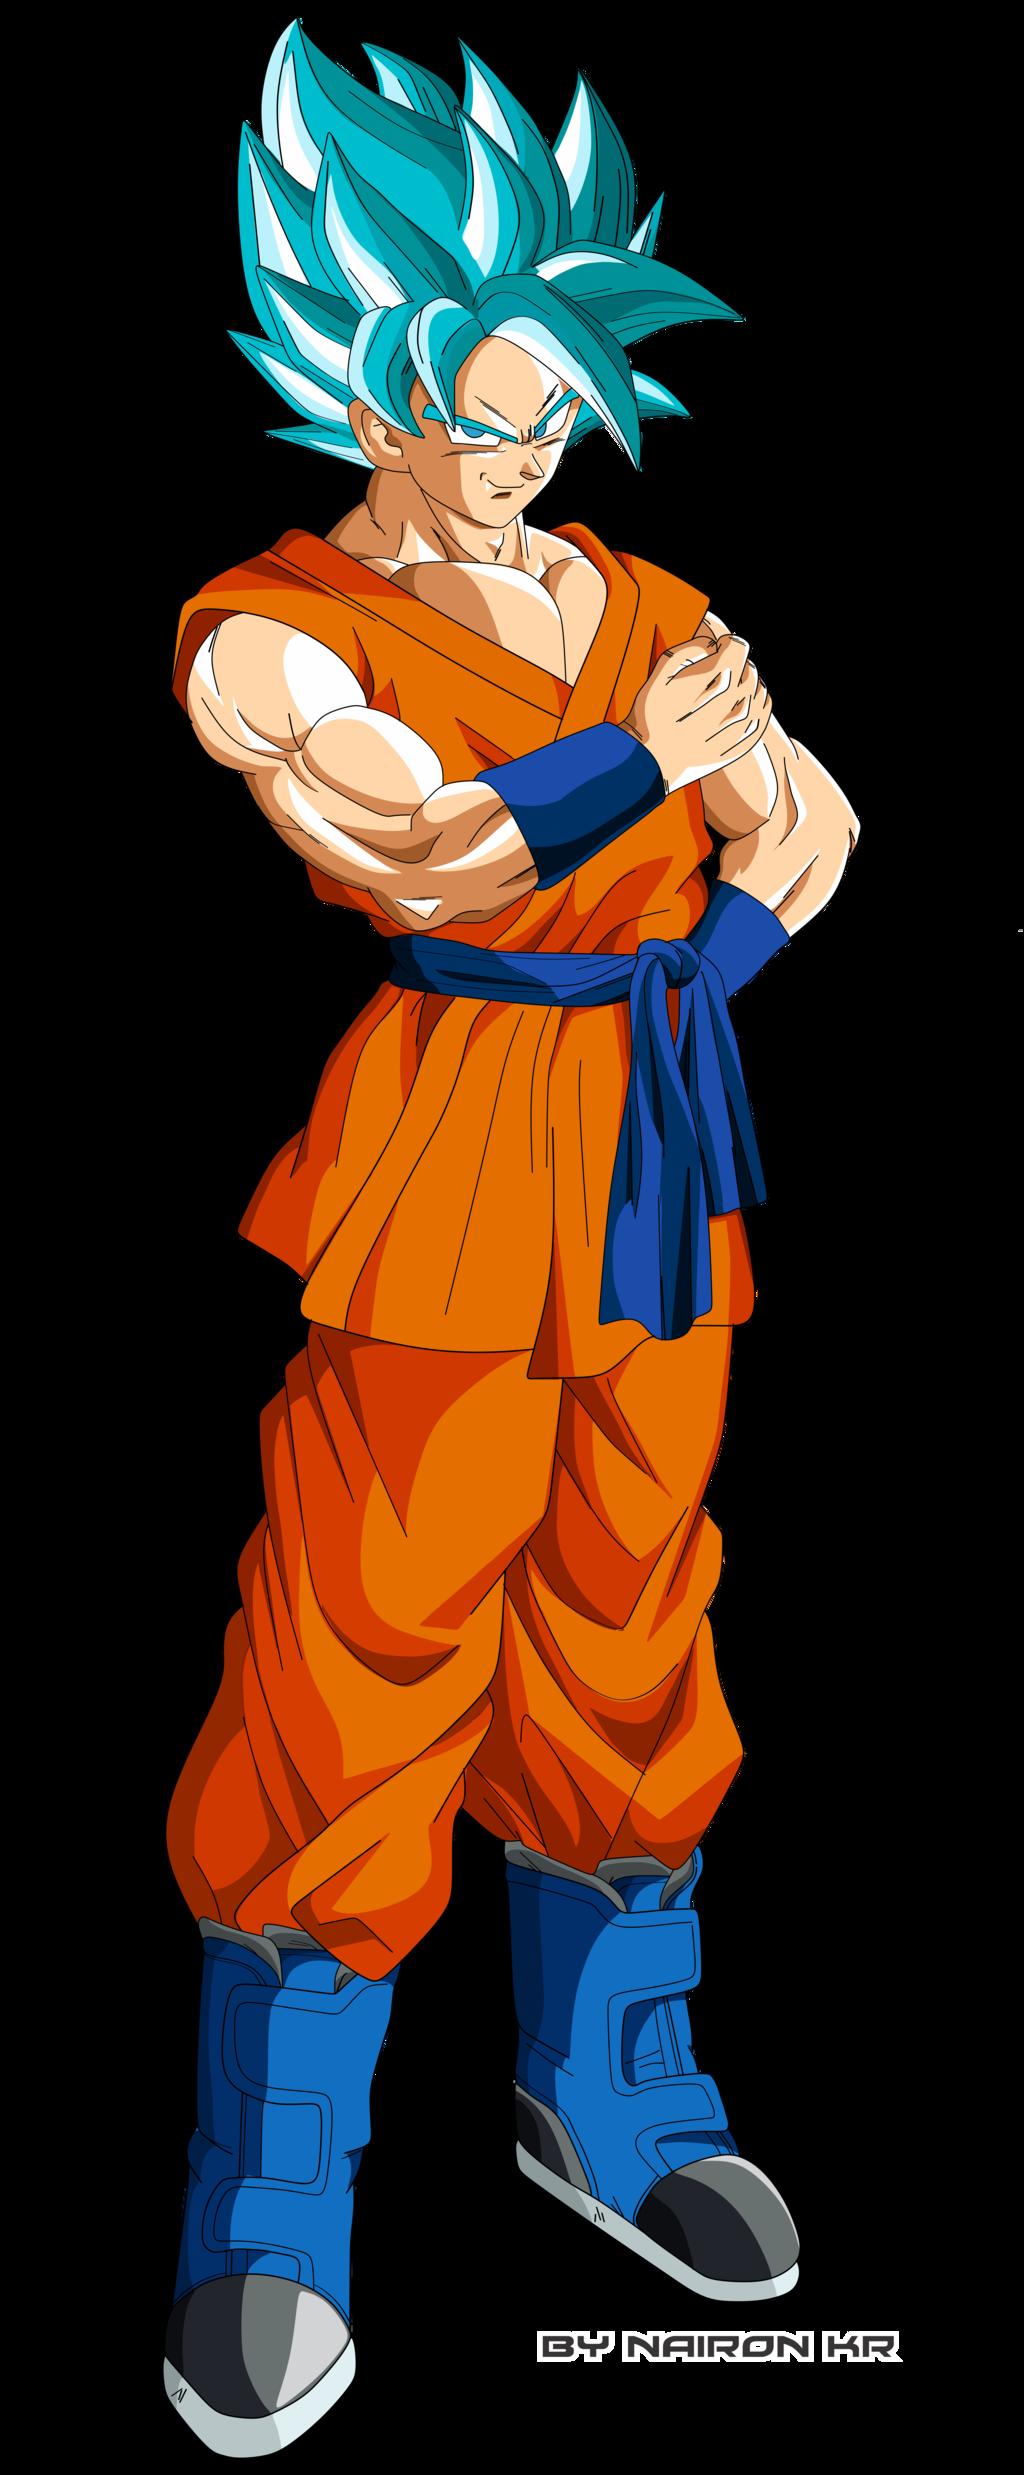 Goku Ssj Dios Azul Goku Ssj Dios Azul Goku Super Saiyajin